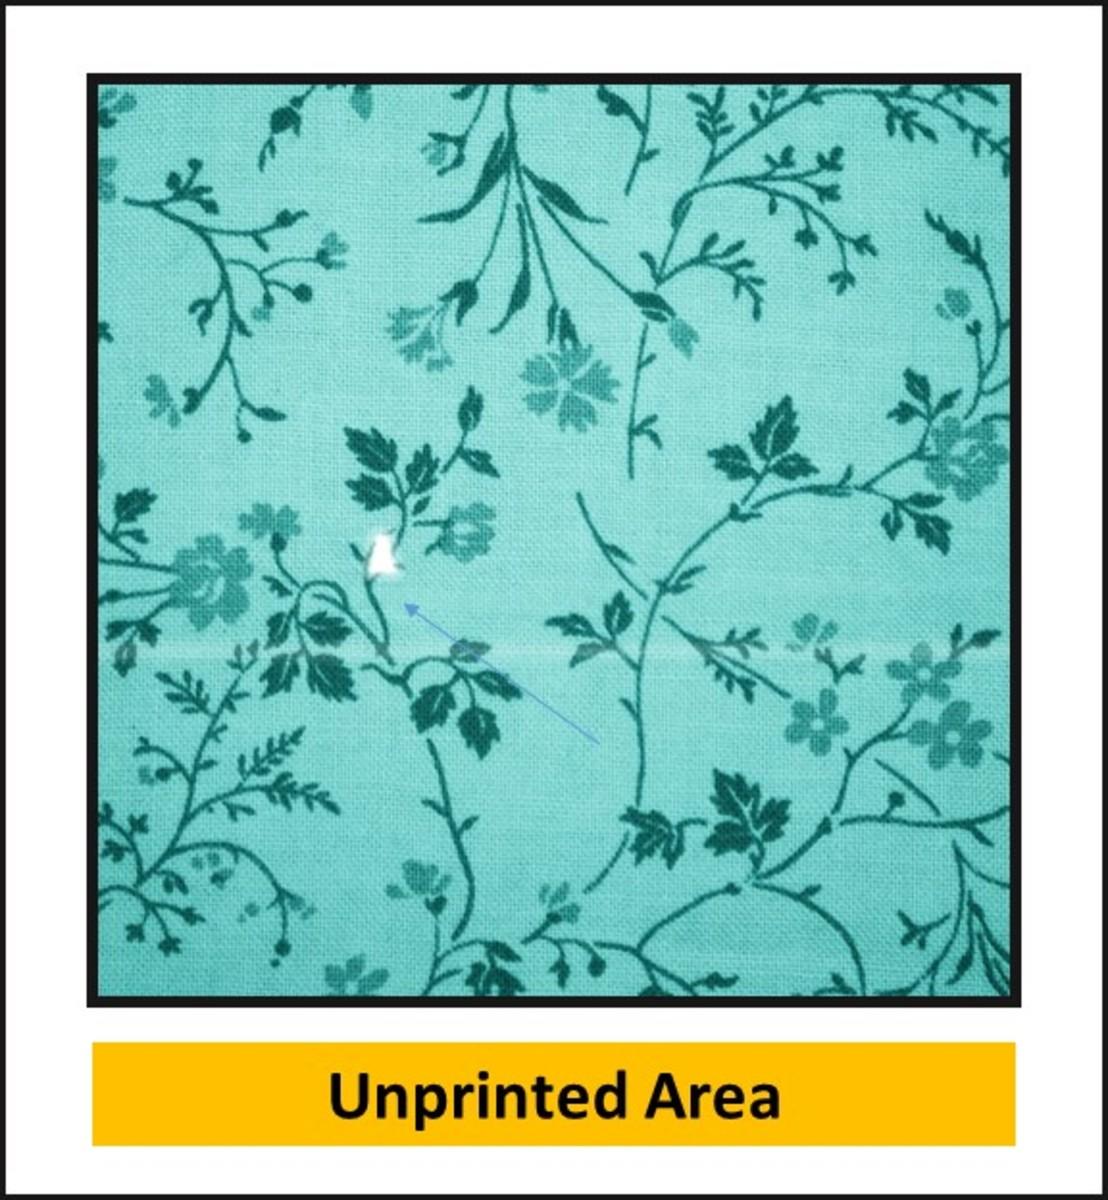 Unprinted Area